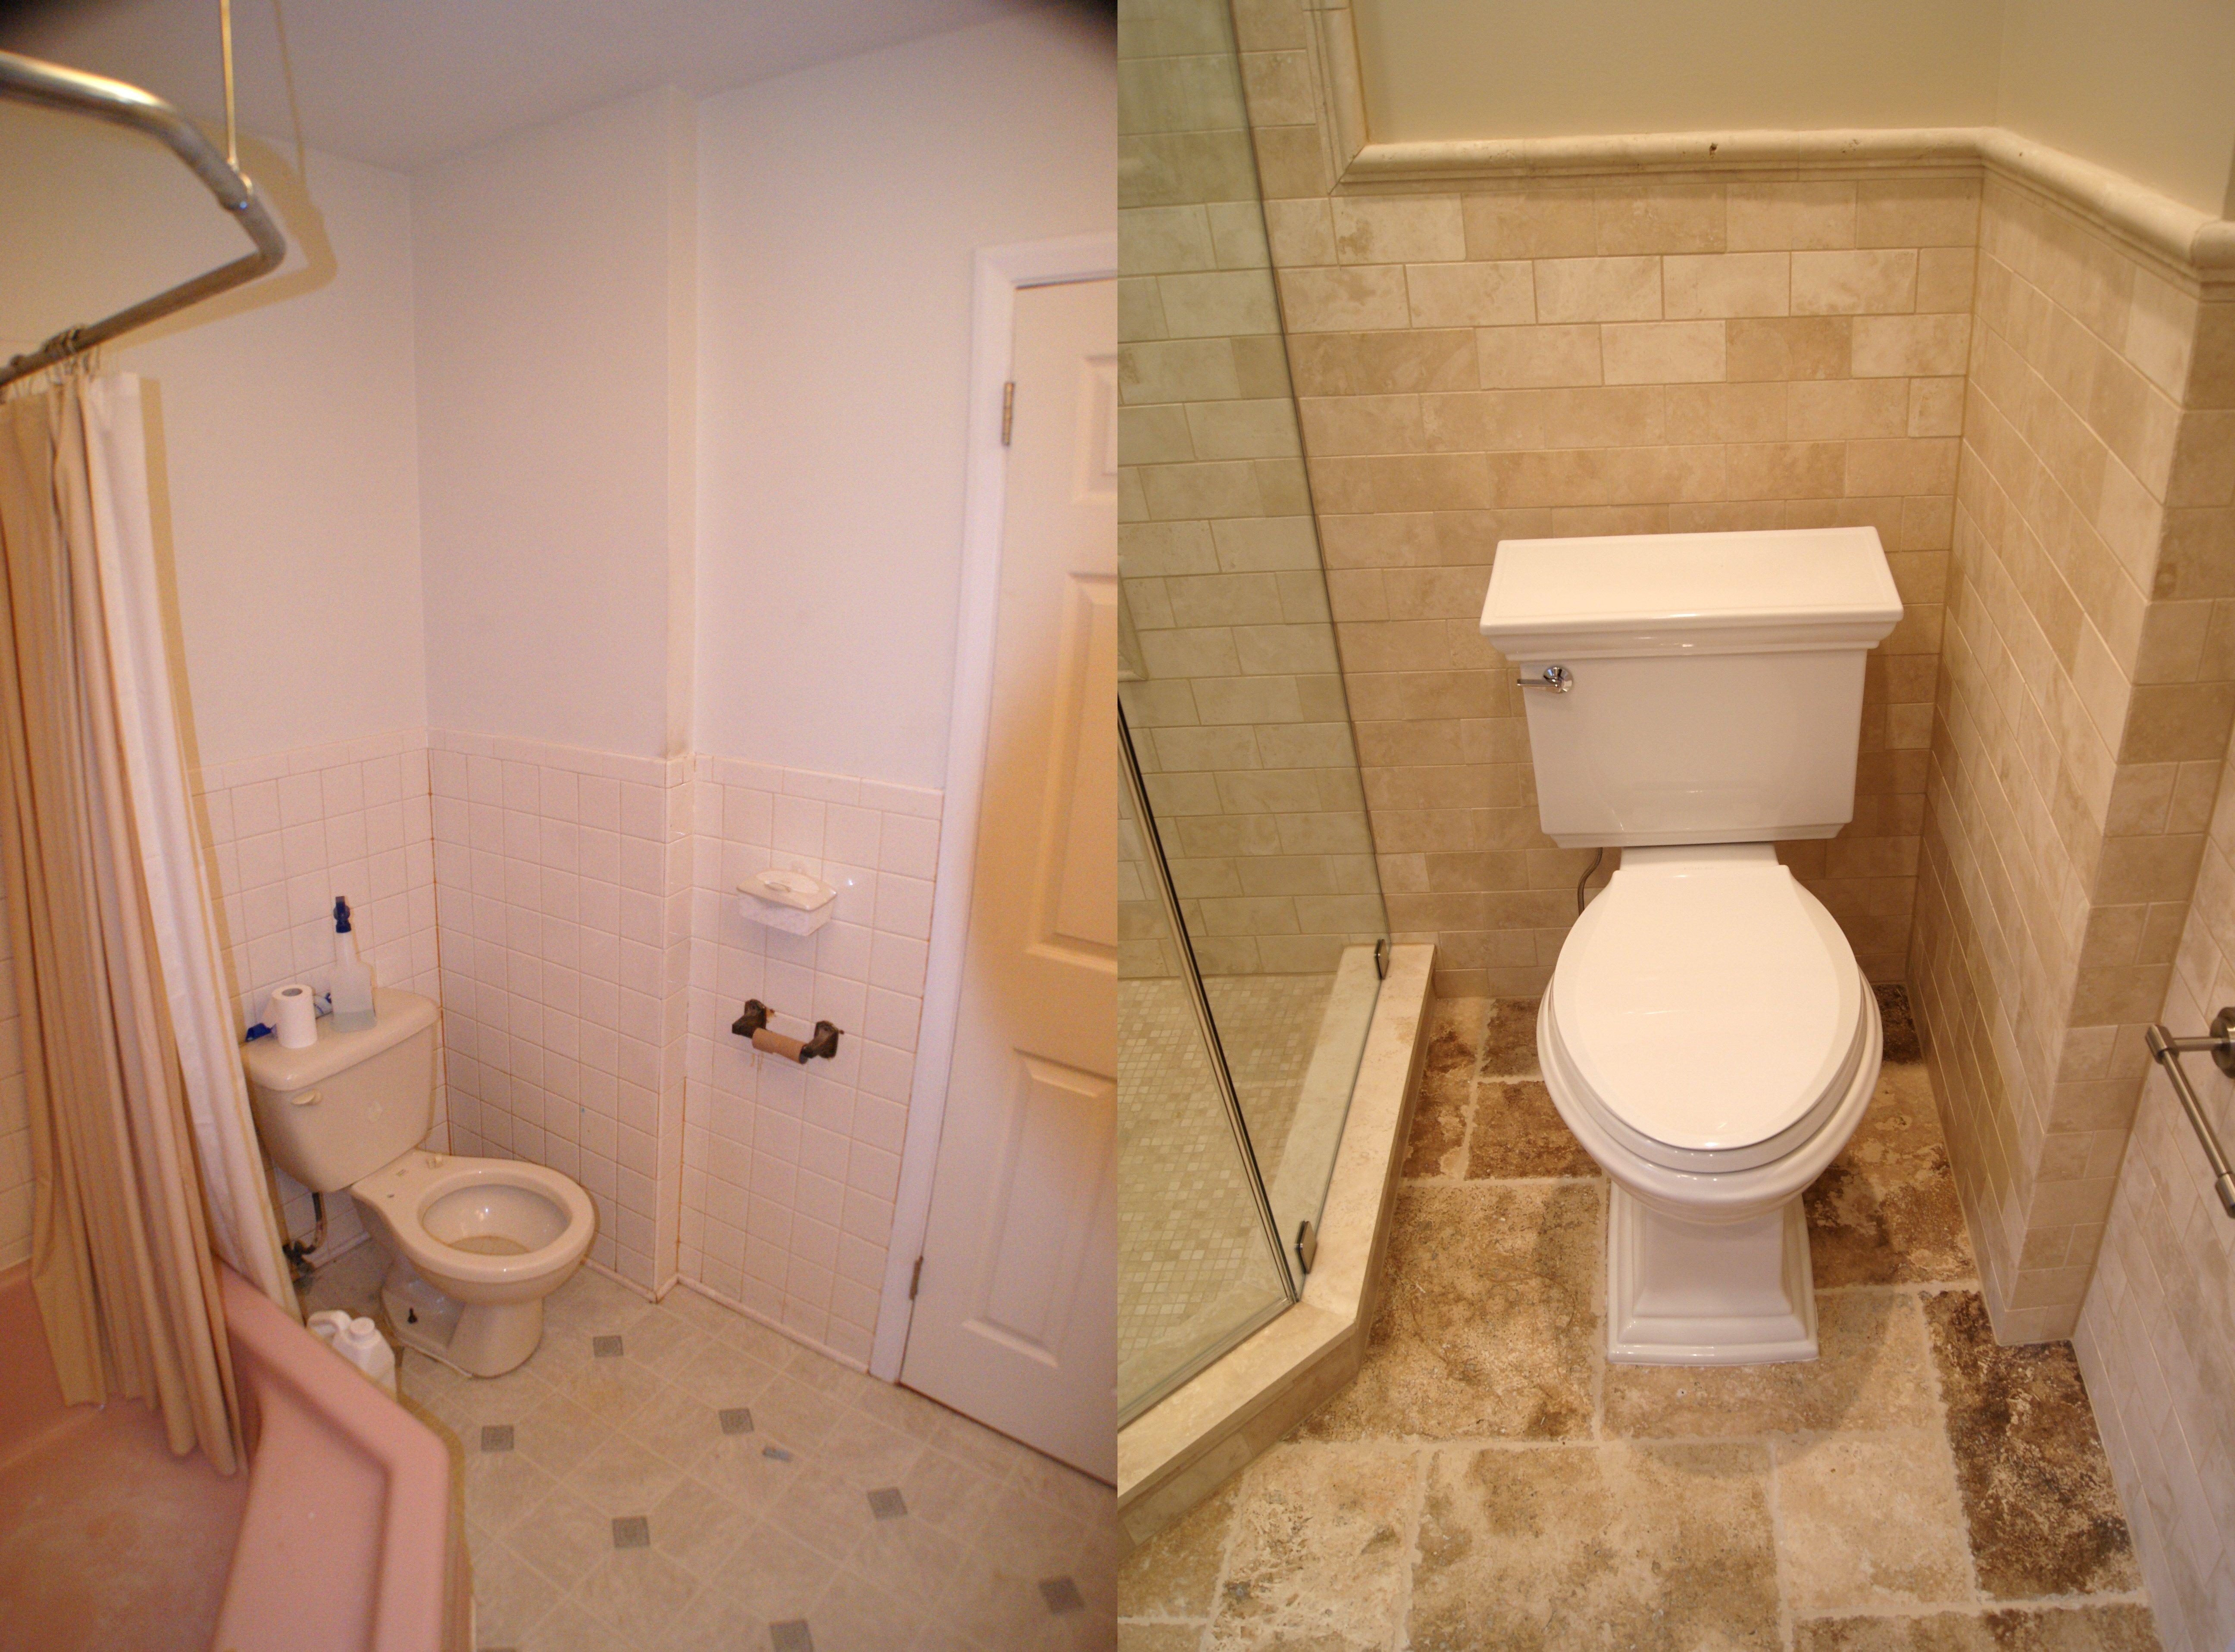 Bathroom Remodel In Neptune Nj Bathrooms Remodel Bathroom Remodel